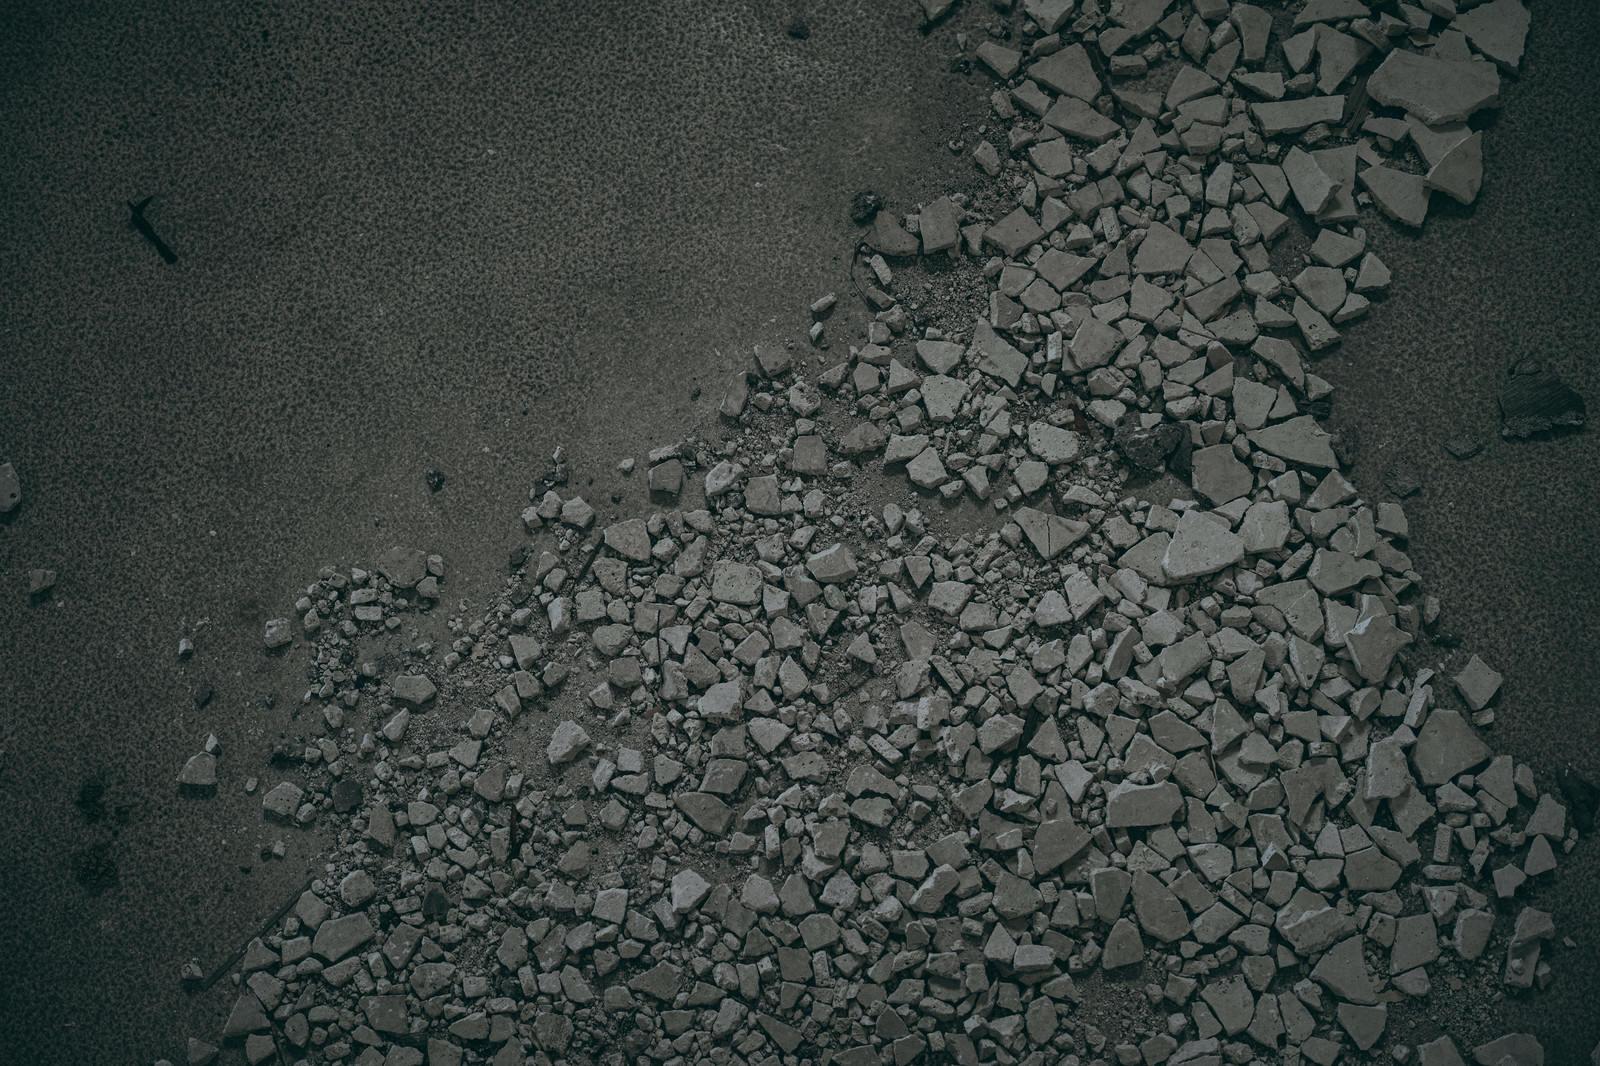 「落盤したコンクリートの破片が散らばる」の写真